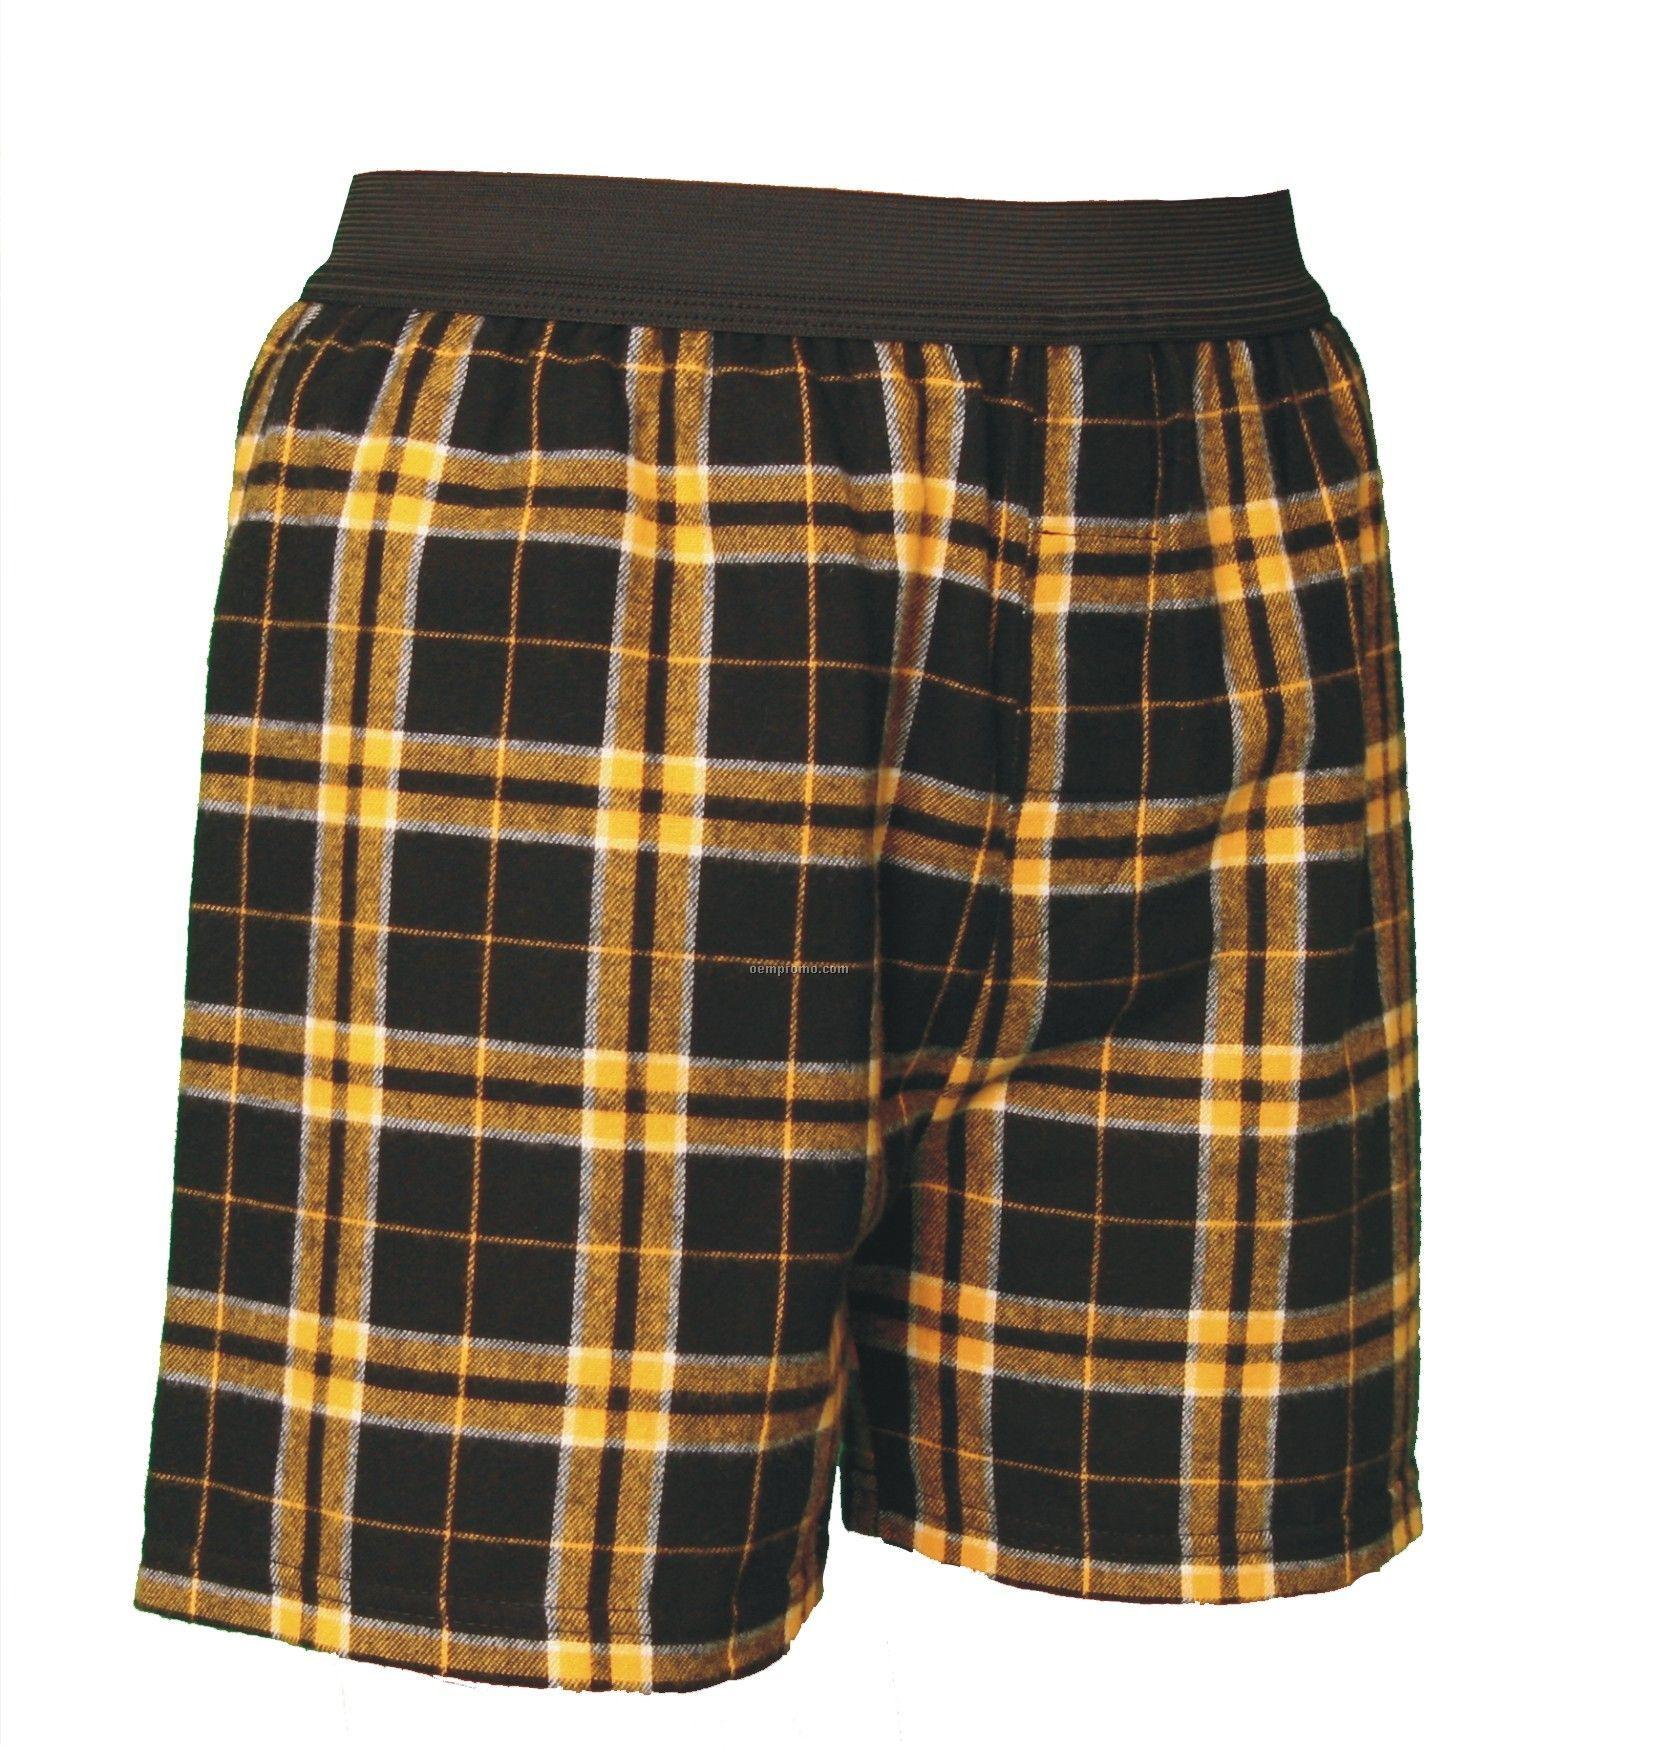 Adult Black/Gold Plaid Classic Boxer Short